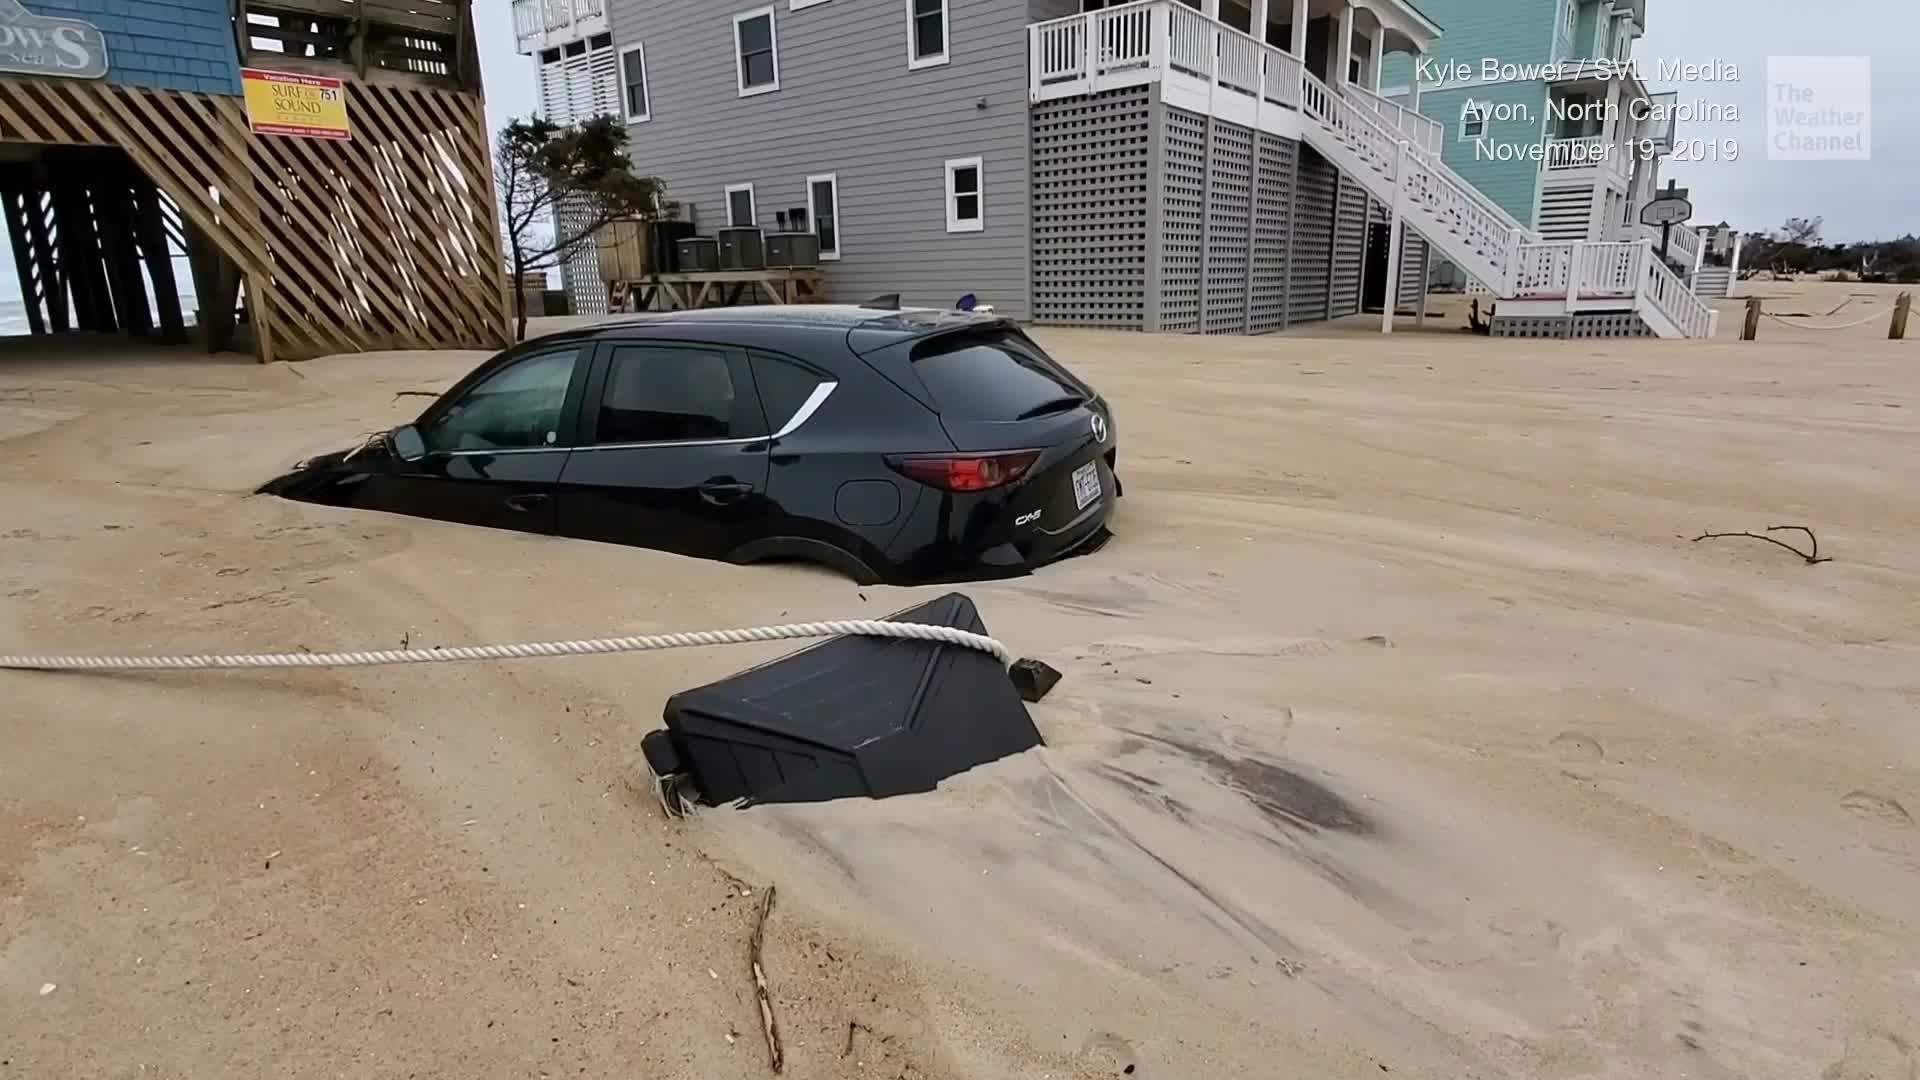 Una tormenta del fin de semana dejó partes de Carolina del Norte enterradas bajo la arena. Lo que muestra el video es increíble.